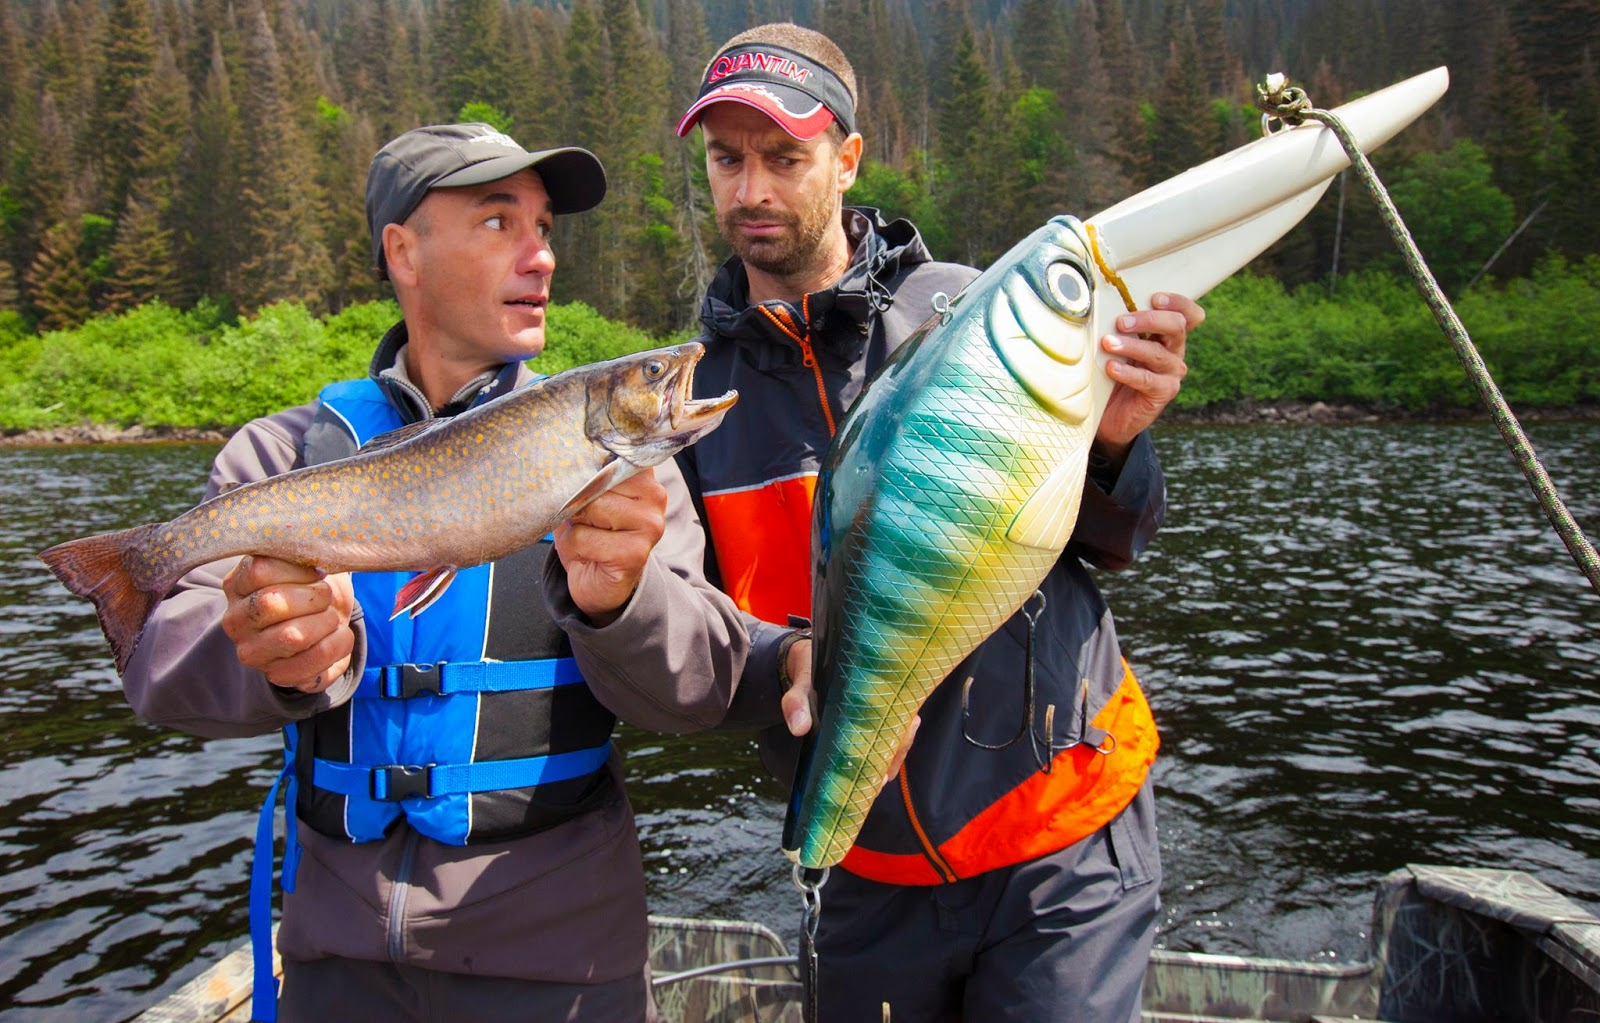 Québec à vol d'oiseau, lecamp.tv, José Boily, pêche au Québec, pêche Côte-Nord